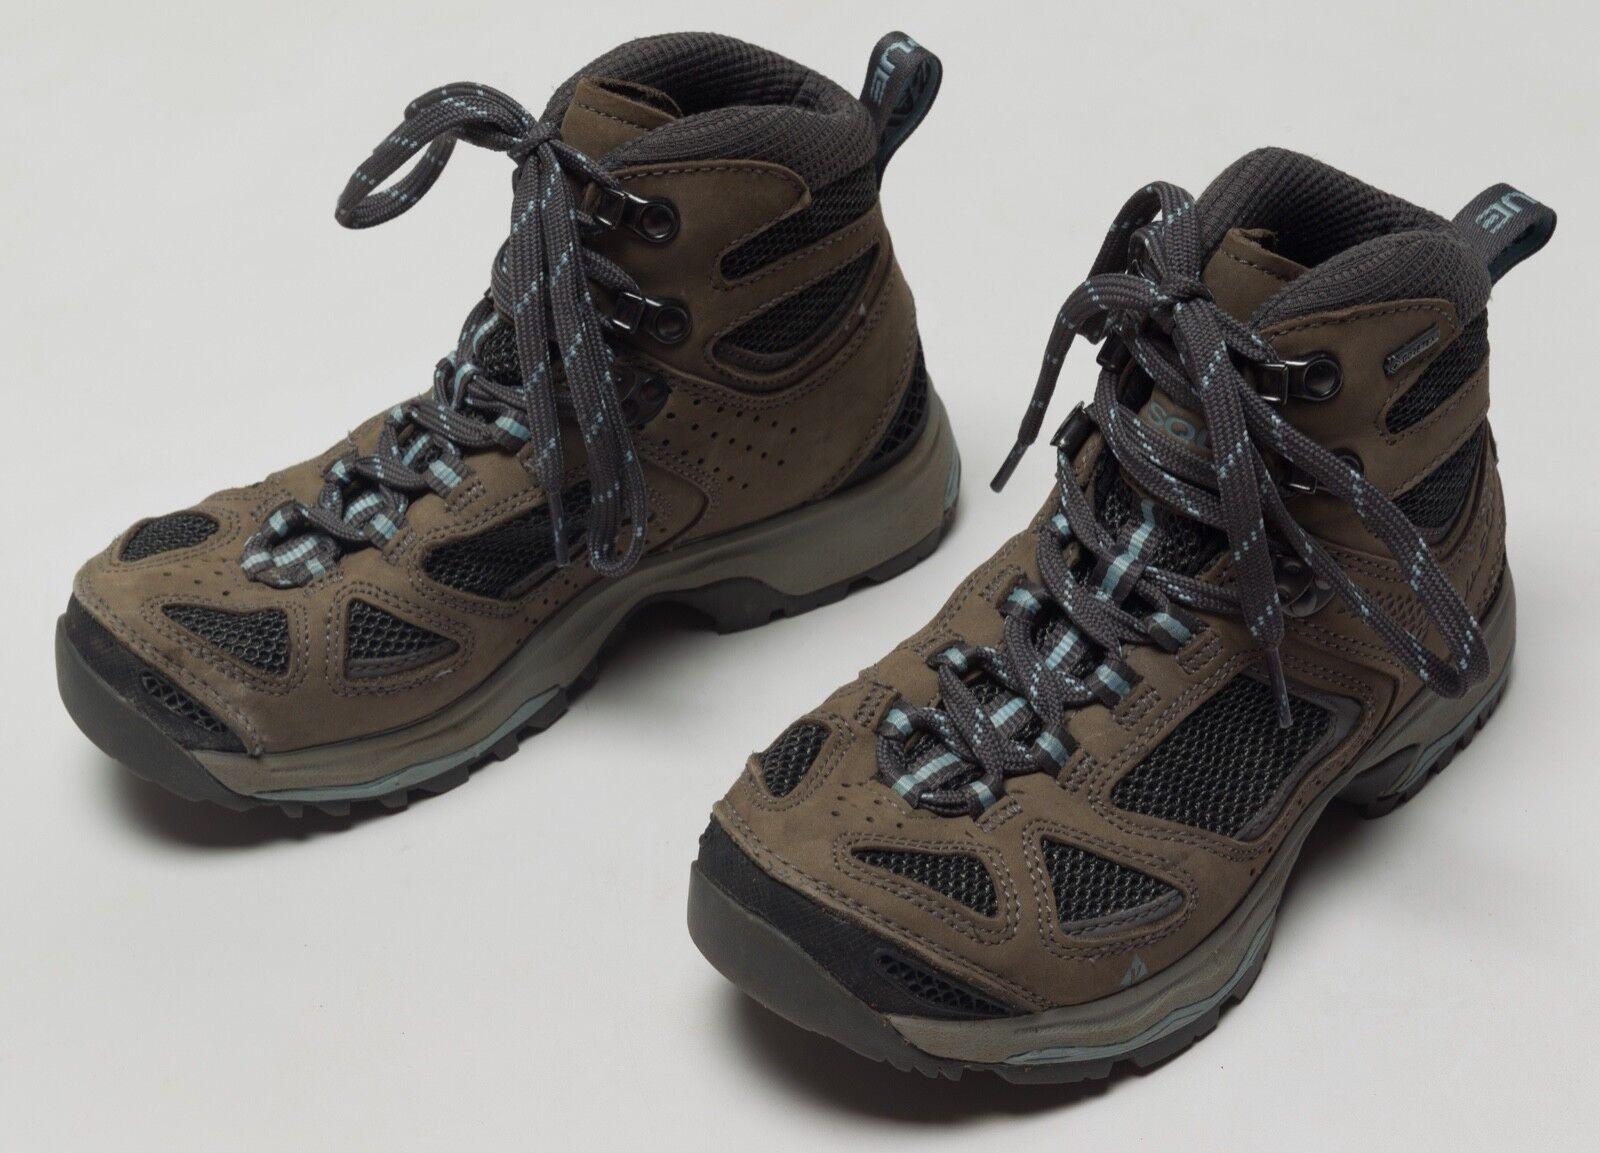 Women's Vasque Breeze 3.0 III GTX Waterproof Gore-Tex Boots Size US 6.5 M 7195